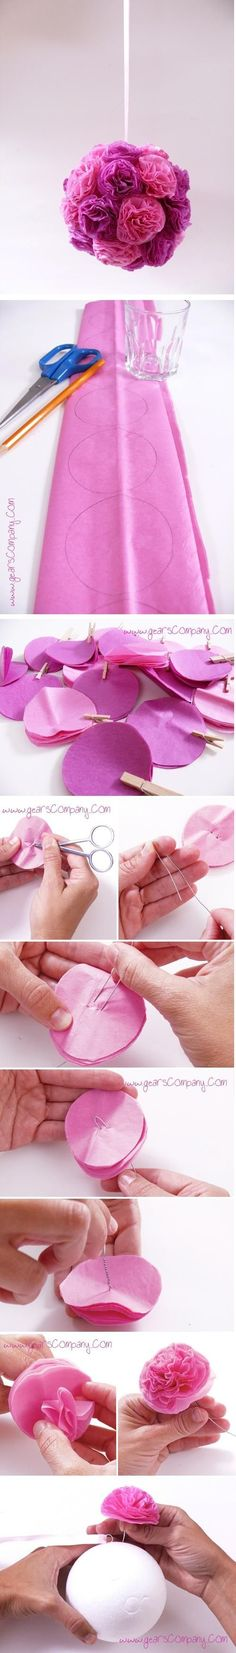 Como fazer uma flor de papel ou de feltro - em: beadandcord.com